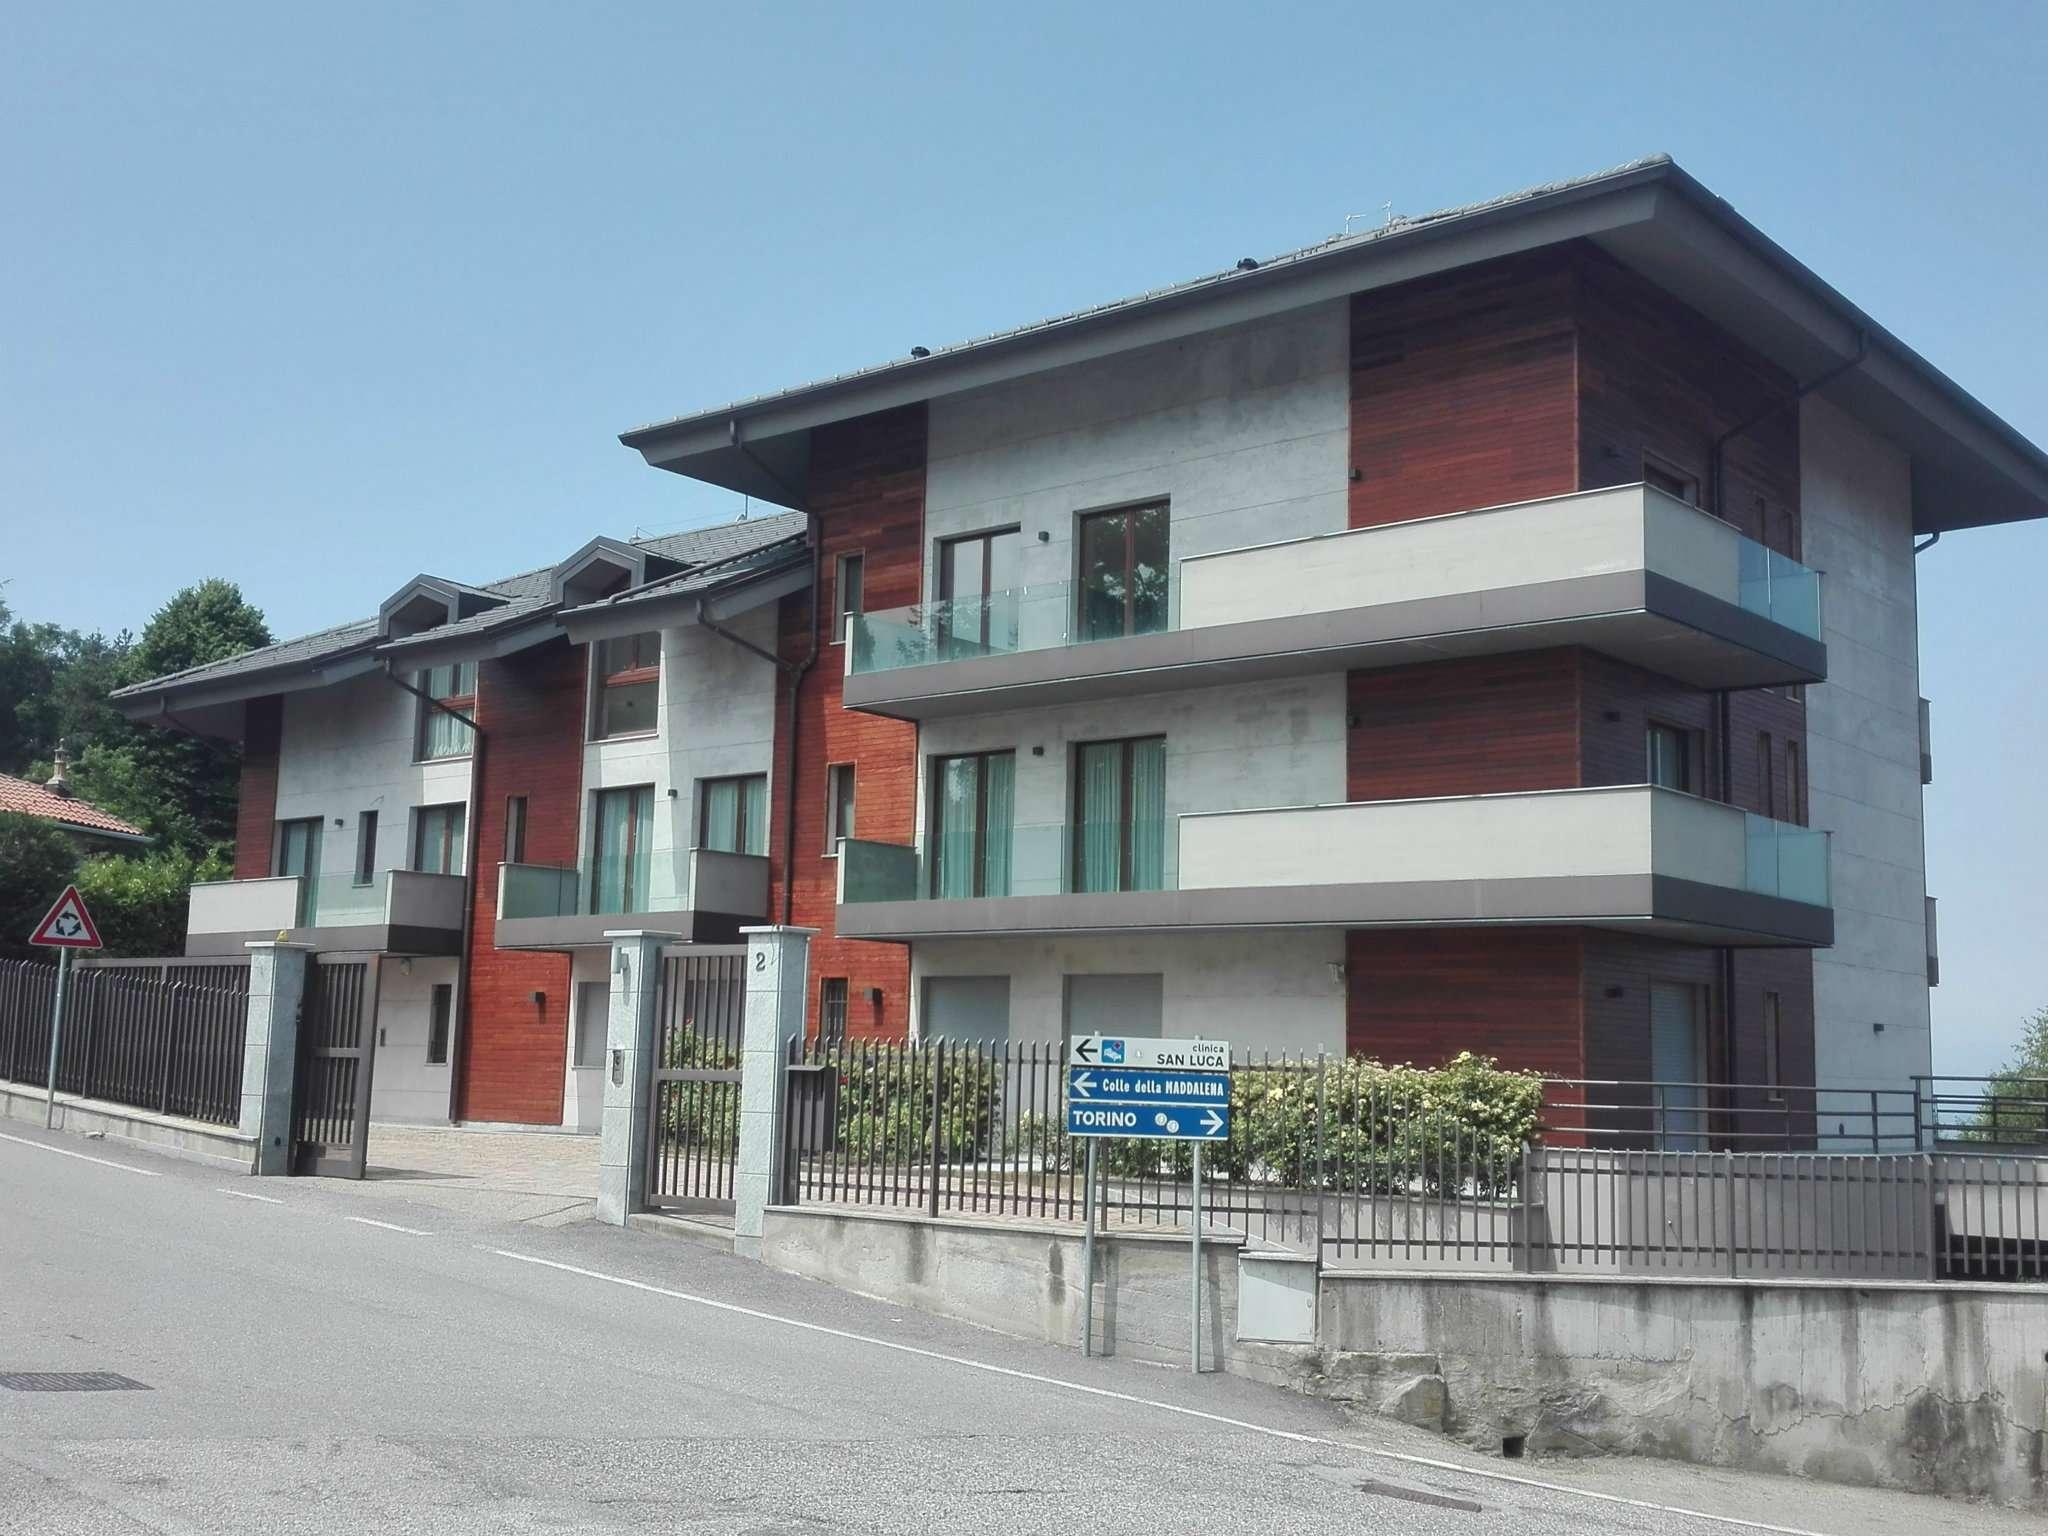 Foto 1 di Trilocale strada del colle, Pecetto Torinese